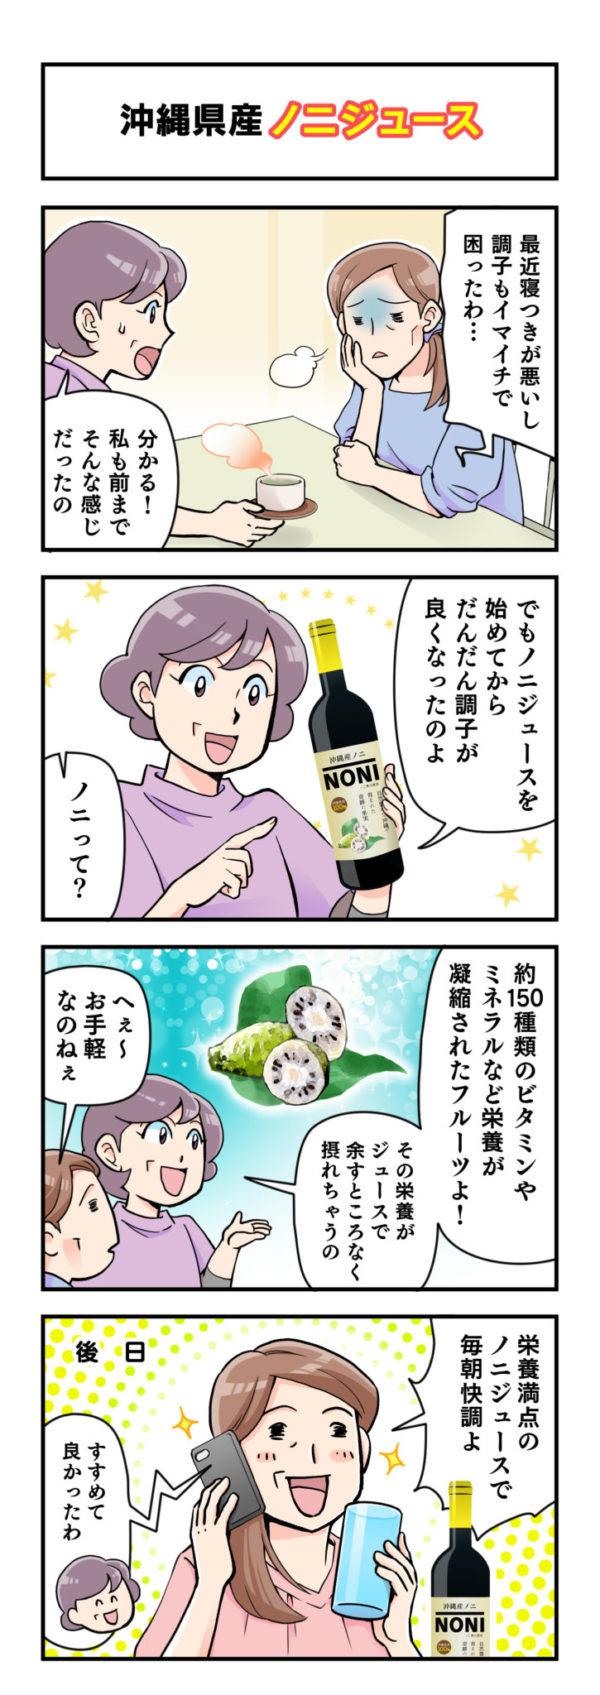 「沖縄県産 ノニジュース」商品紹介4コマ漫画